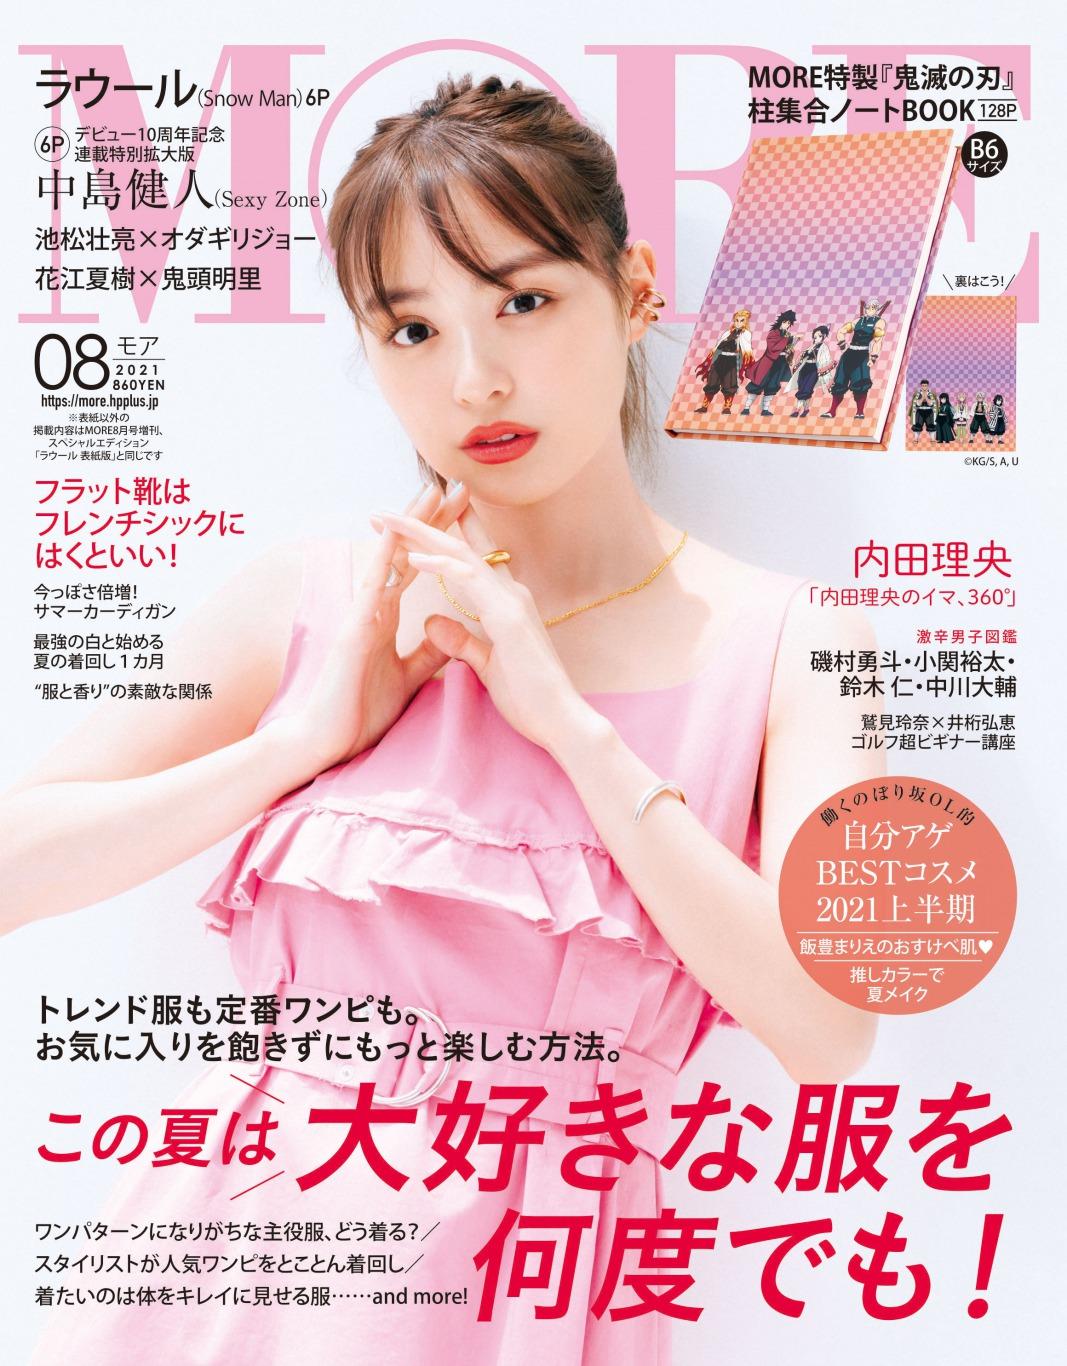 MORE8月号表紙の内田理央さん